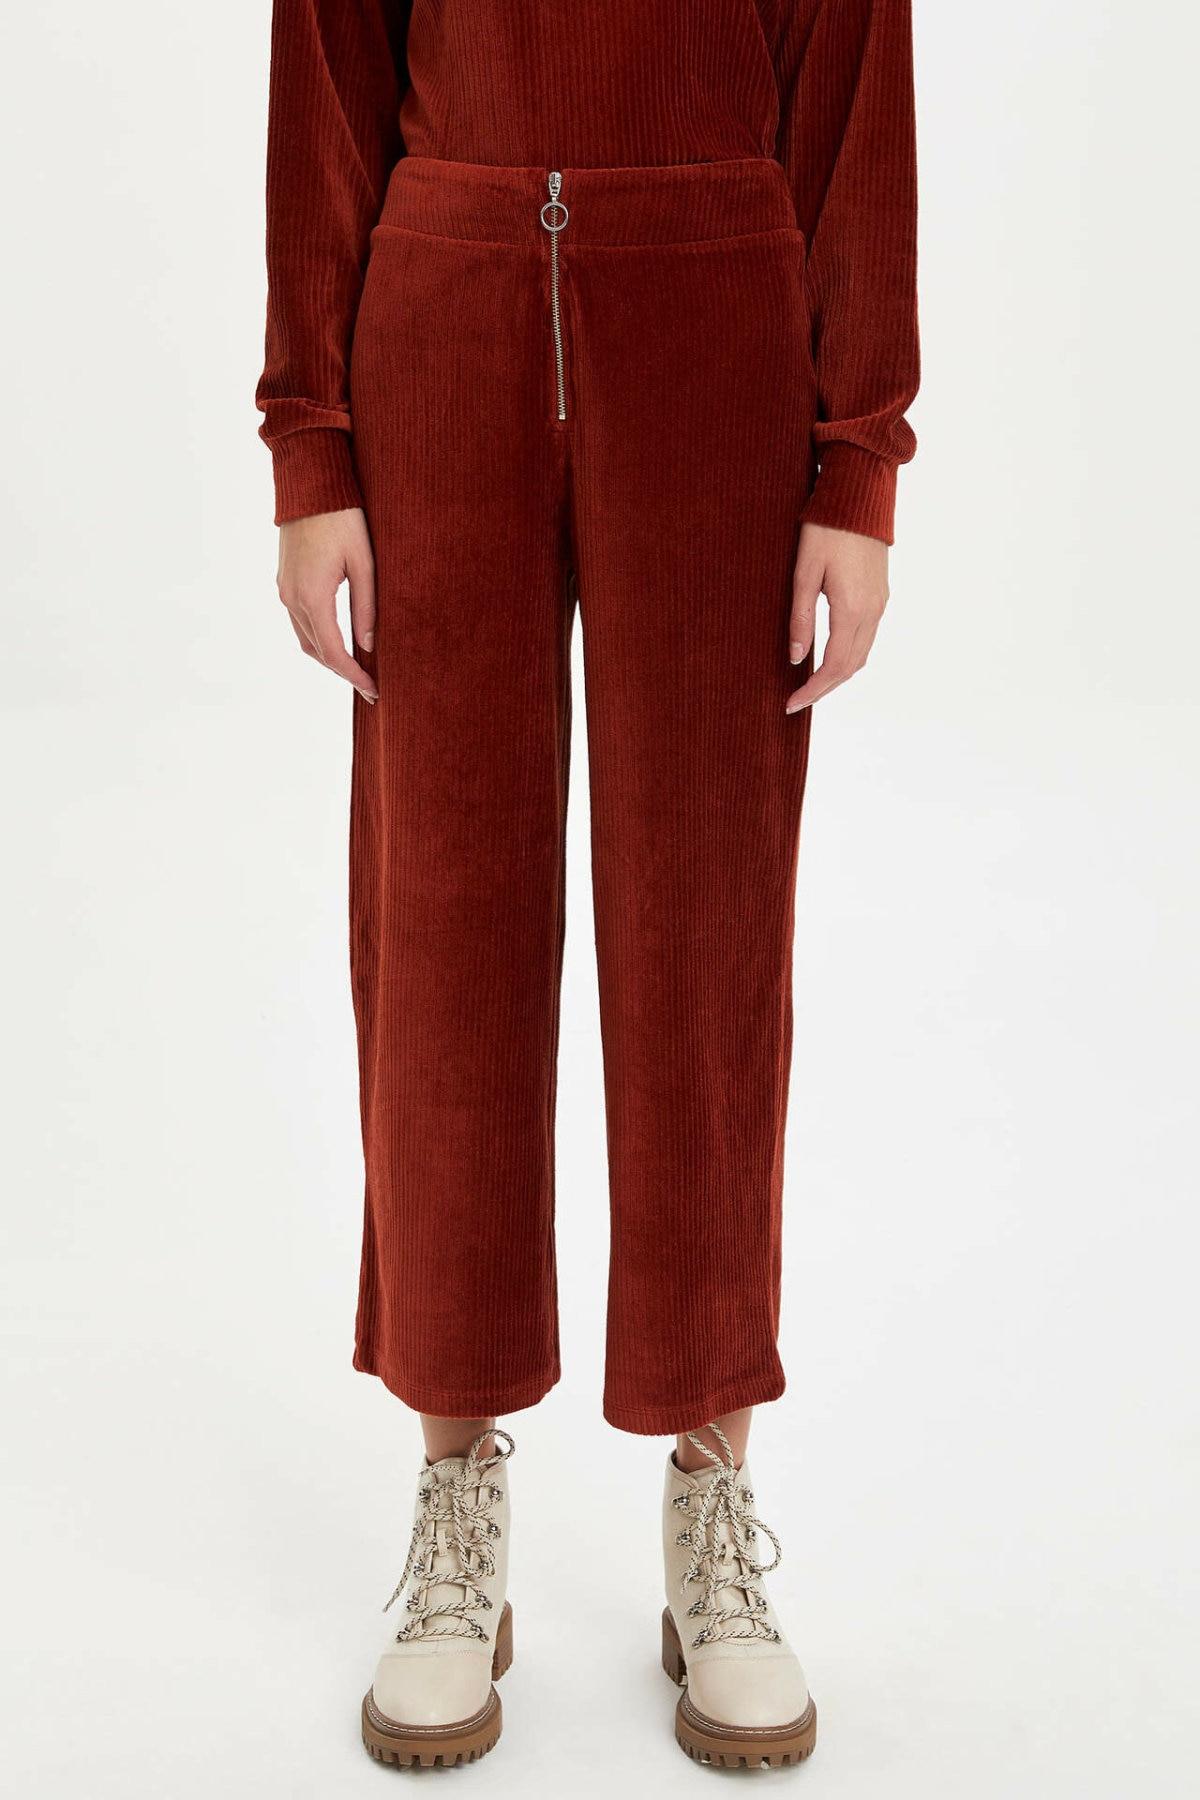 DeFacto Fashion Woman Cotton Trousers Casual Solid Color Striaght Crop Pants Zipper Waist Leisure Breathable Pant - M6600AZ19WN